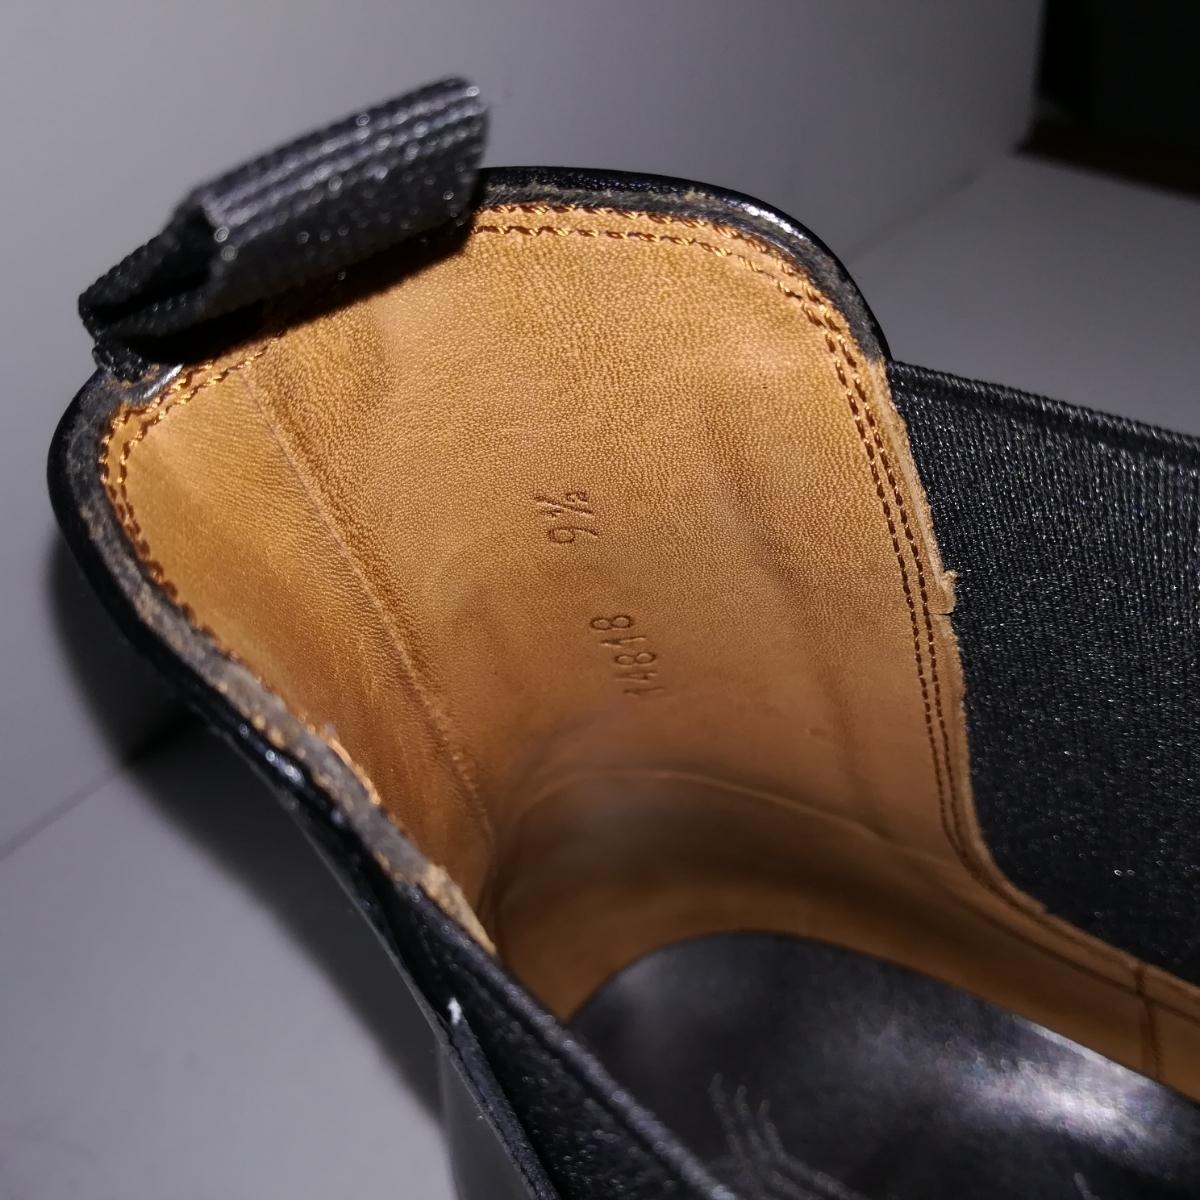 560 新品同様 ★ヤンコ YANKO★ サイドゴアブーツ 9 1/2 28.0cm 黒 ドレスシューズ 革靴_画像8